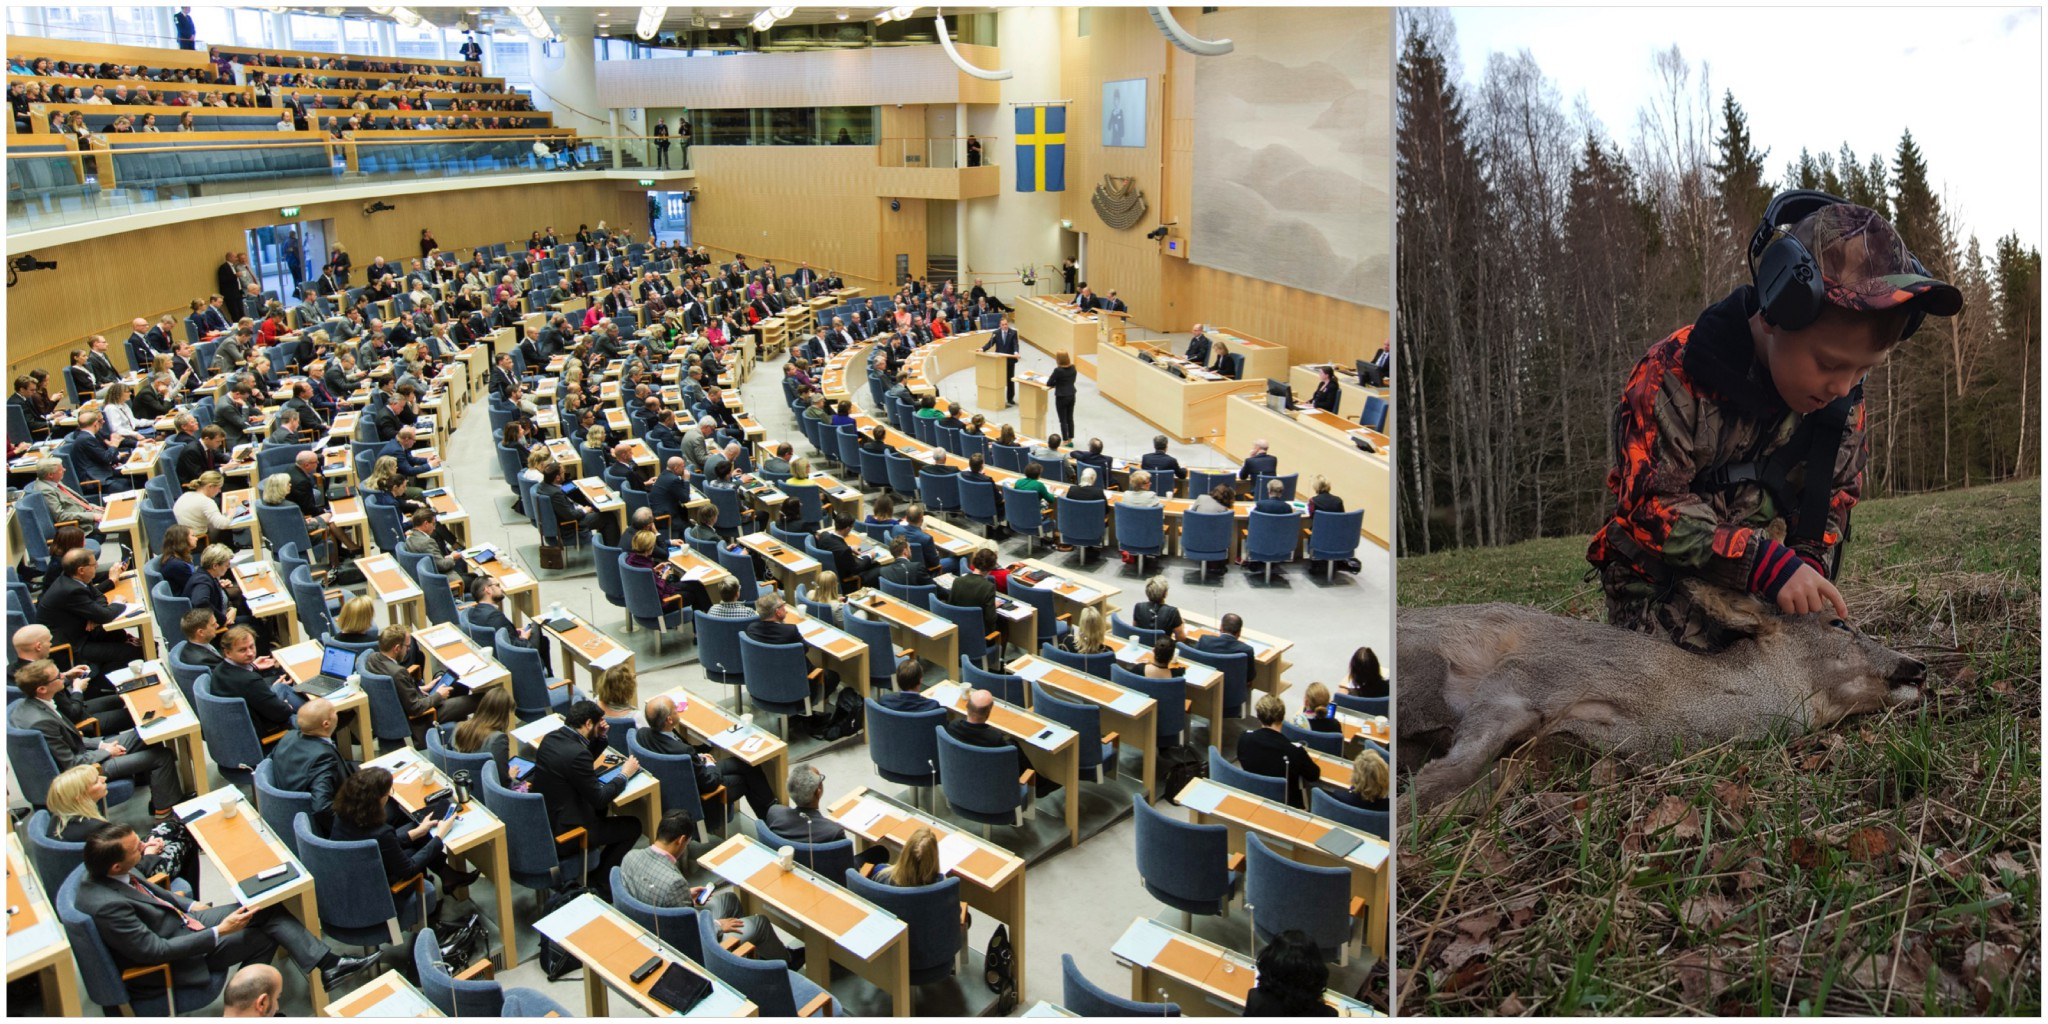 Jaktfrågorna är avgörande i riksdagsvalet. Det har 40 procent av de svarande uppgett. Foto: Melker Dahlstrand samt Olle Olsson